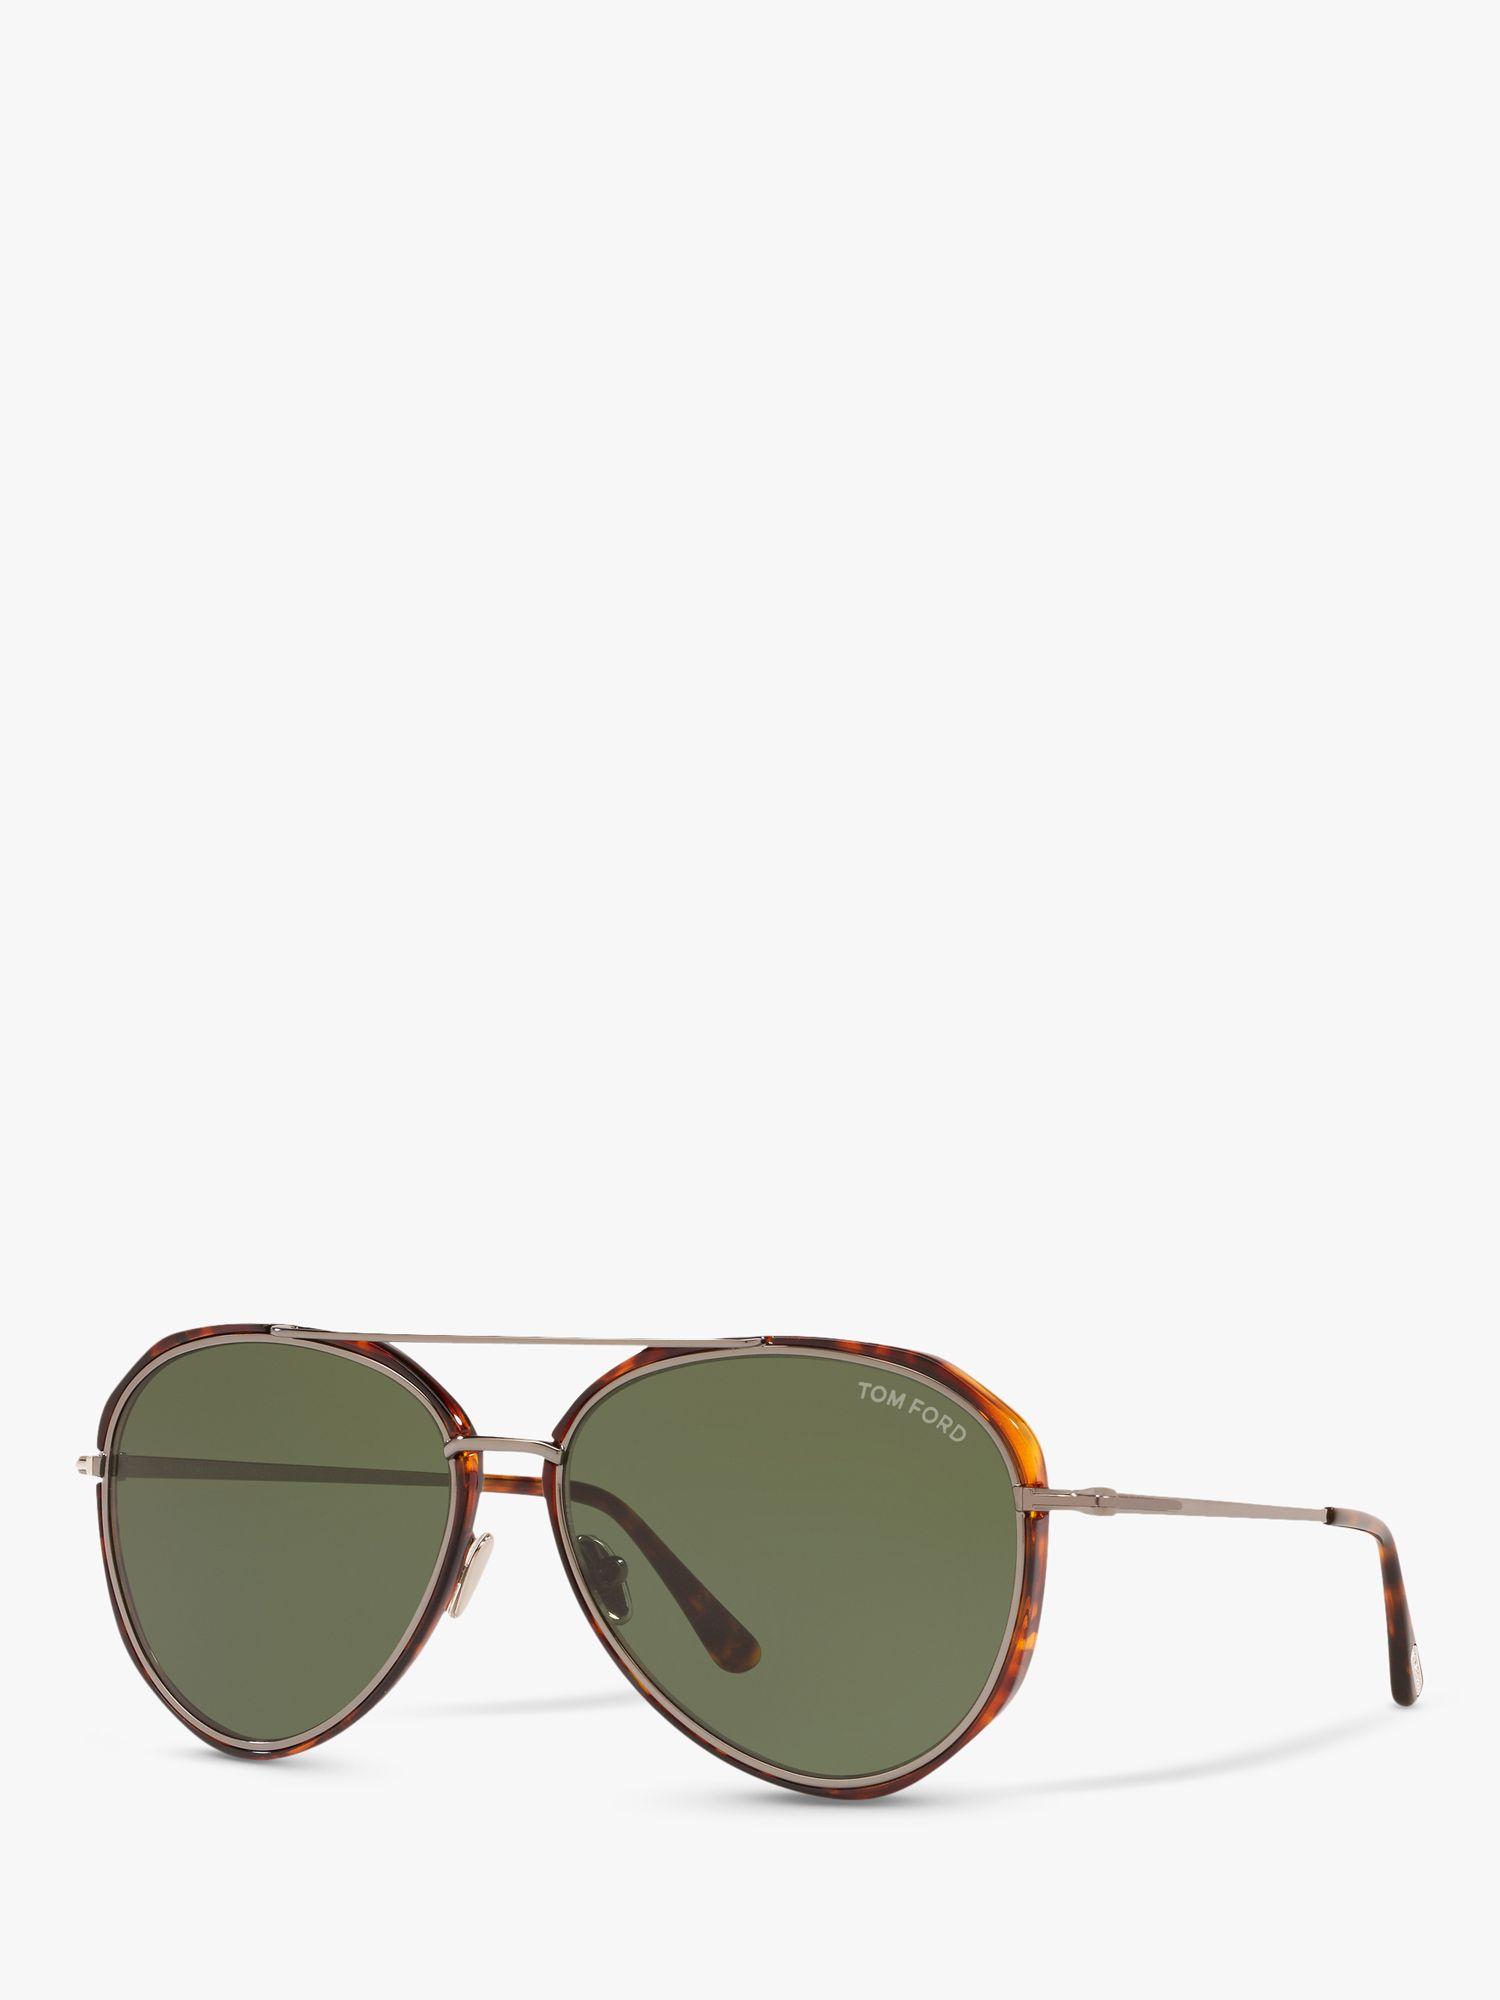 Tom Ford Ft0749 Men S Vittorio Aviator Sunglasses Havana Green At John Lewis Partners